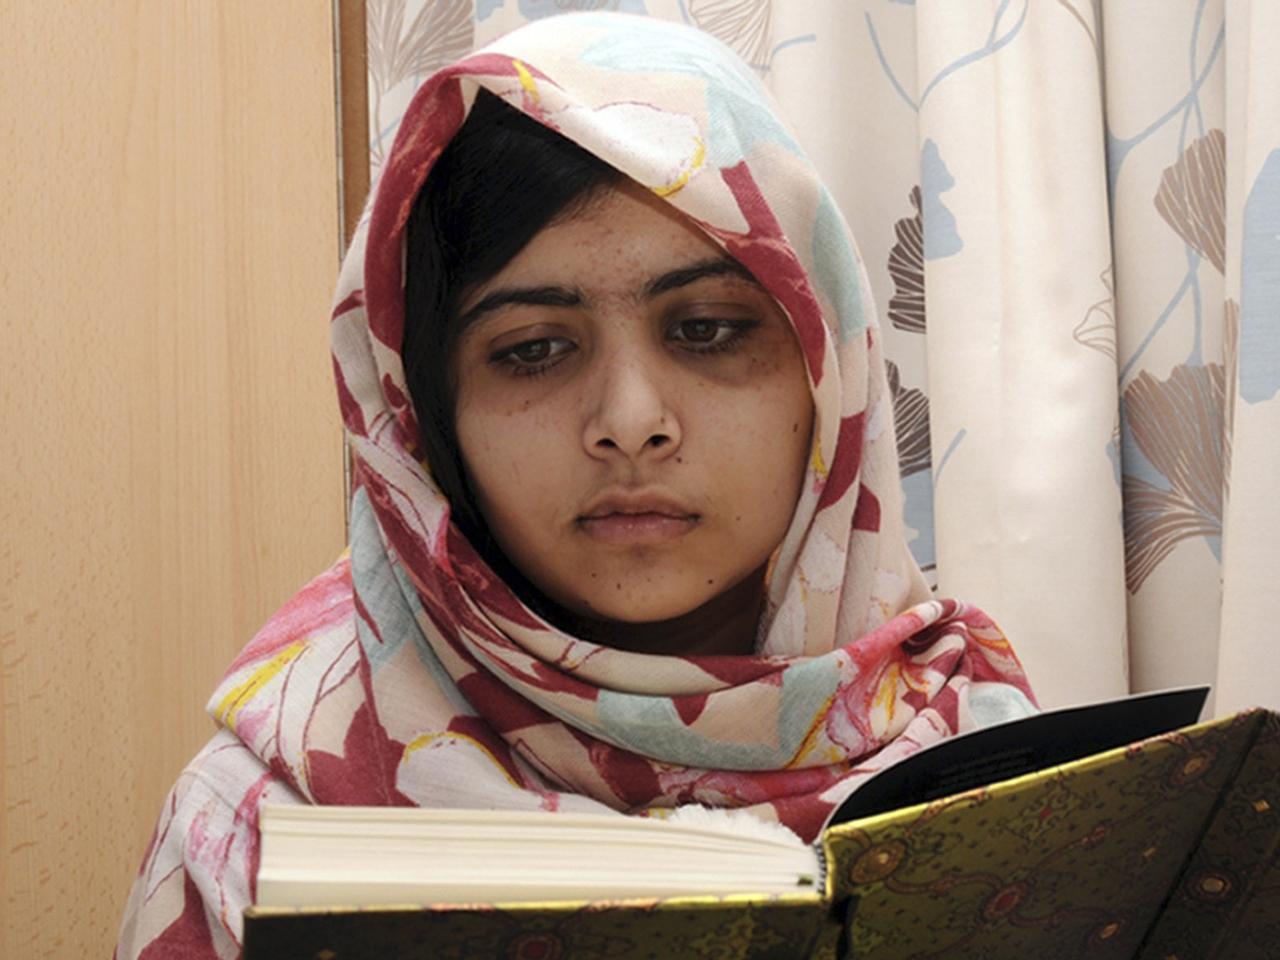 Malala, Pakistani teen shot by Taliban, writing a book